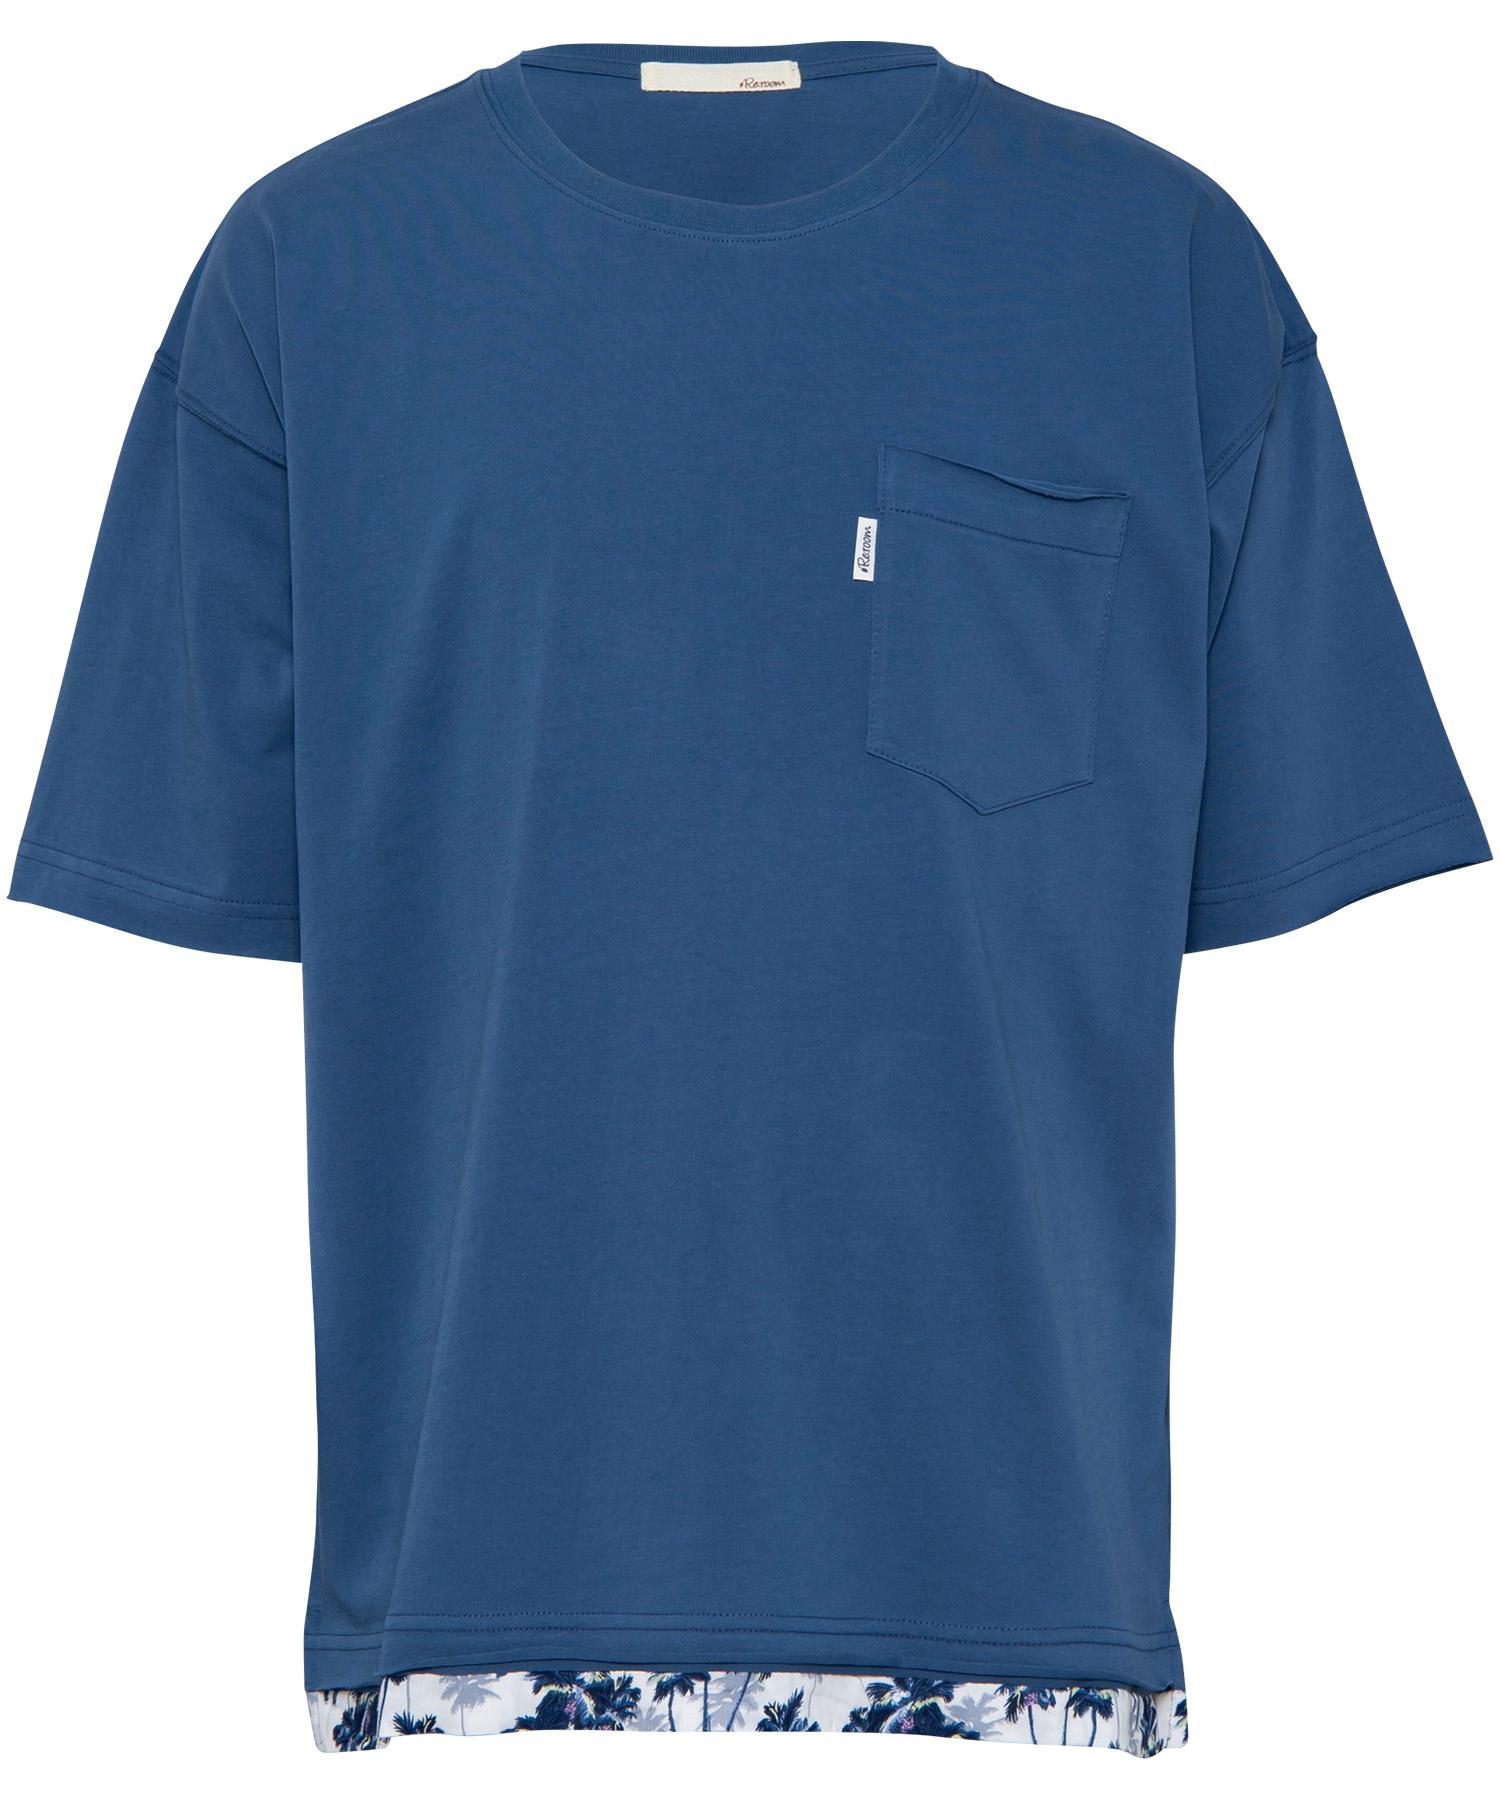 LAYERED ALOHA BIG T-shirt[REC274]